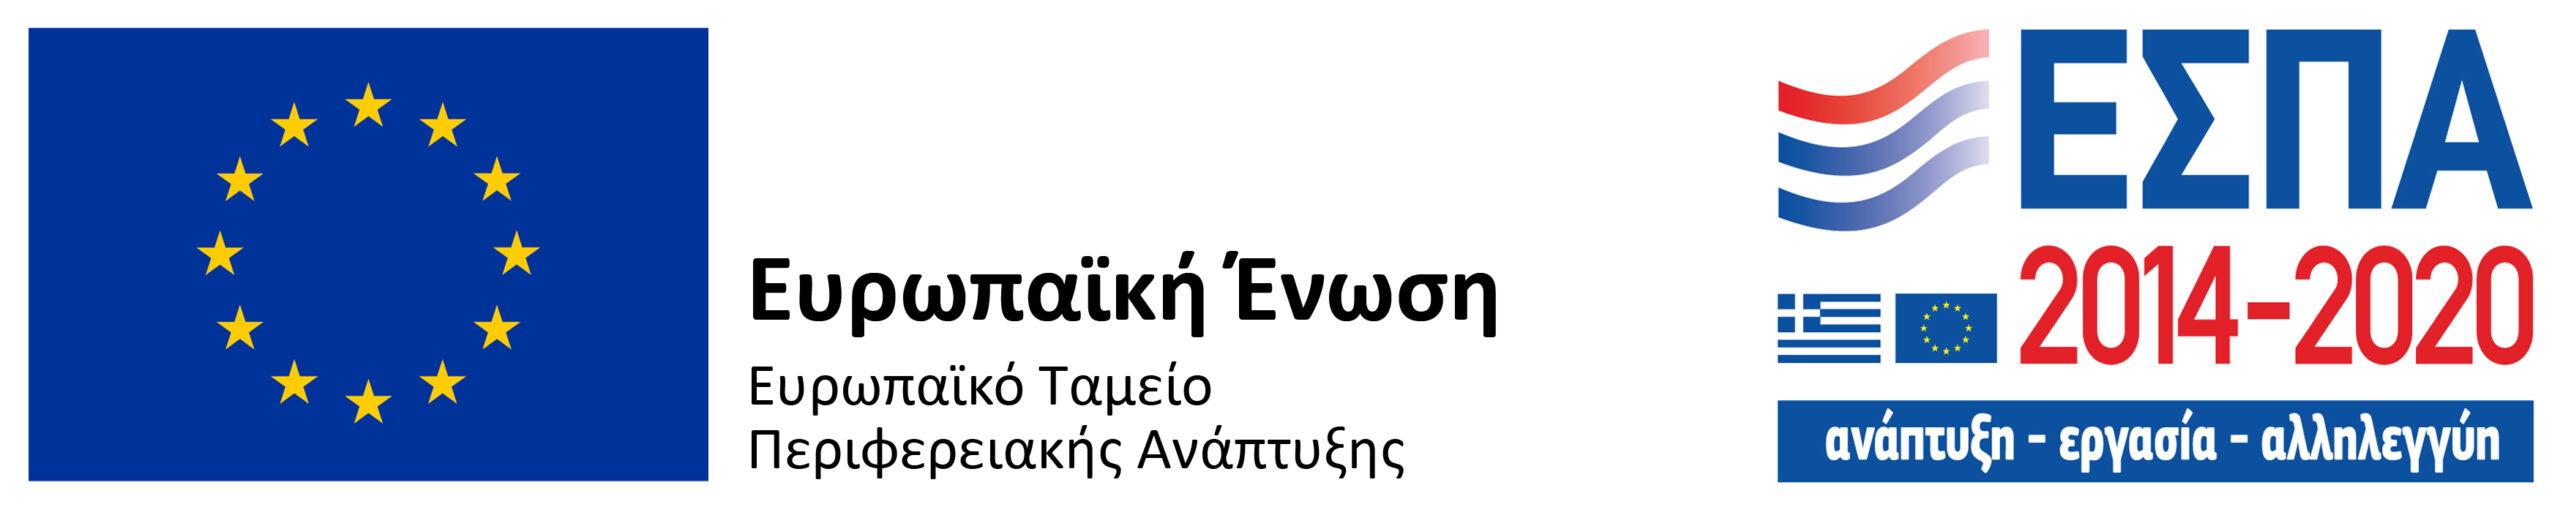 ΕΣΠΑ Τεανκα